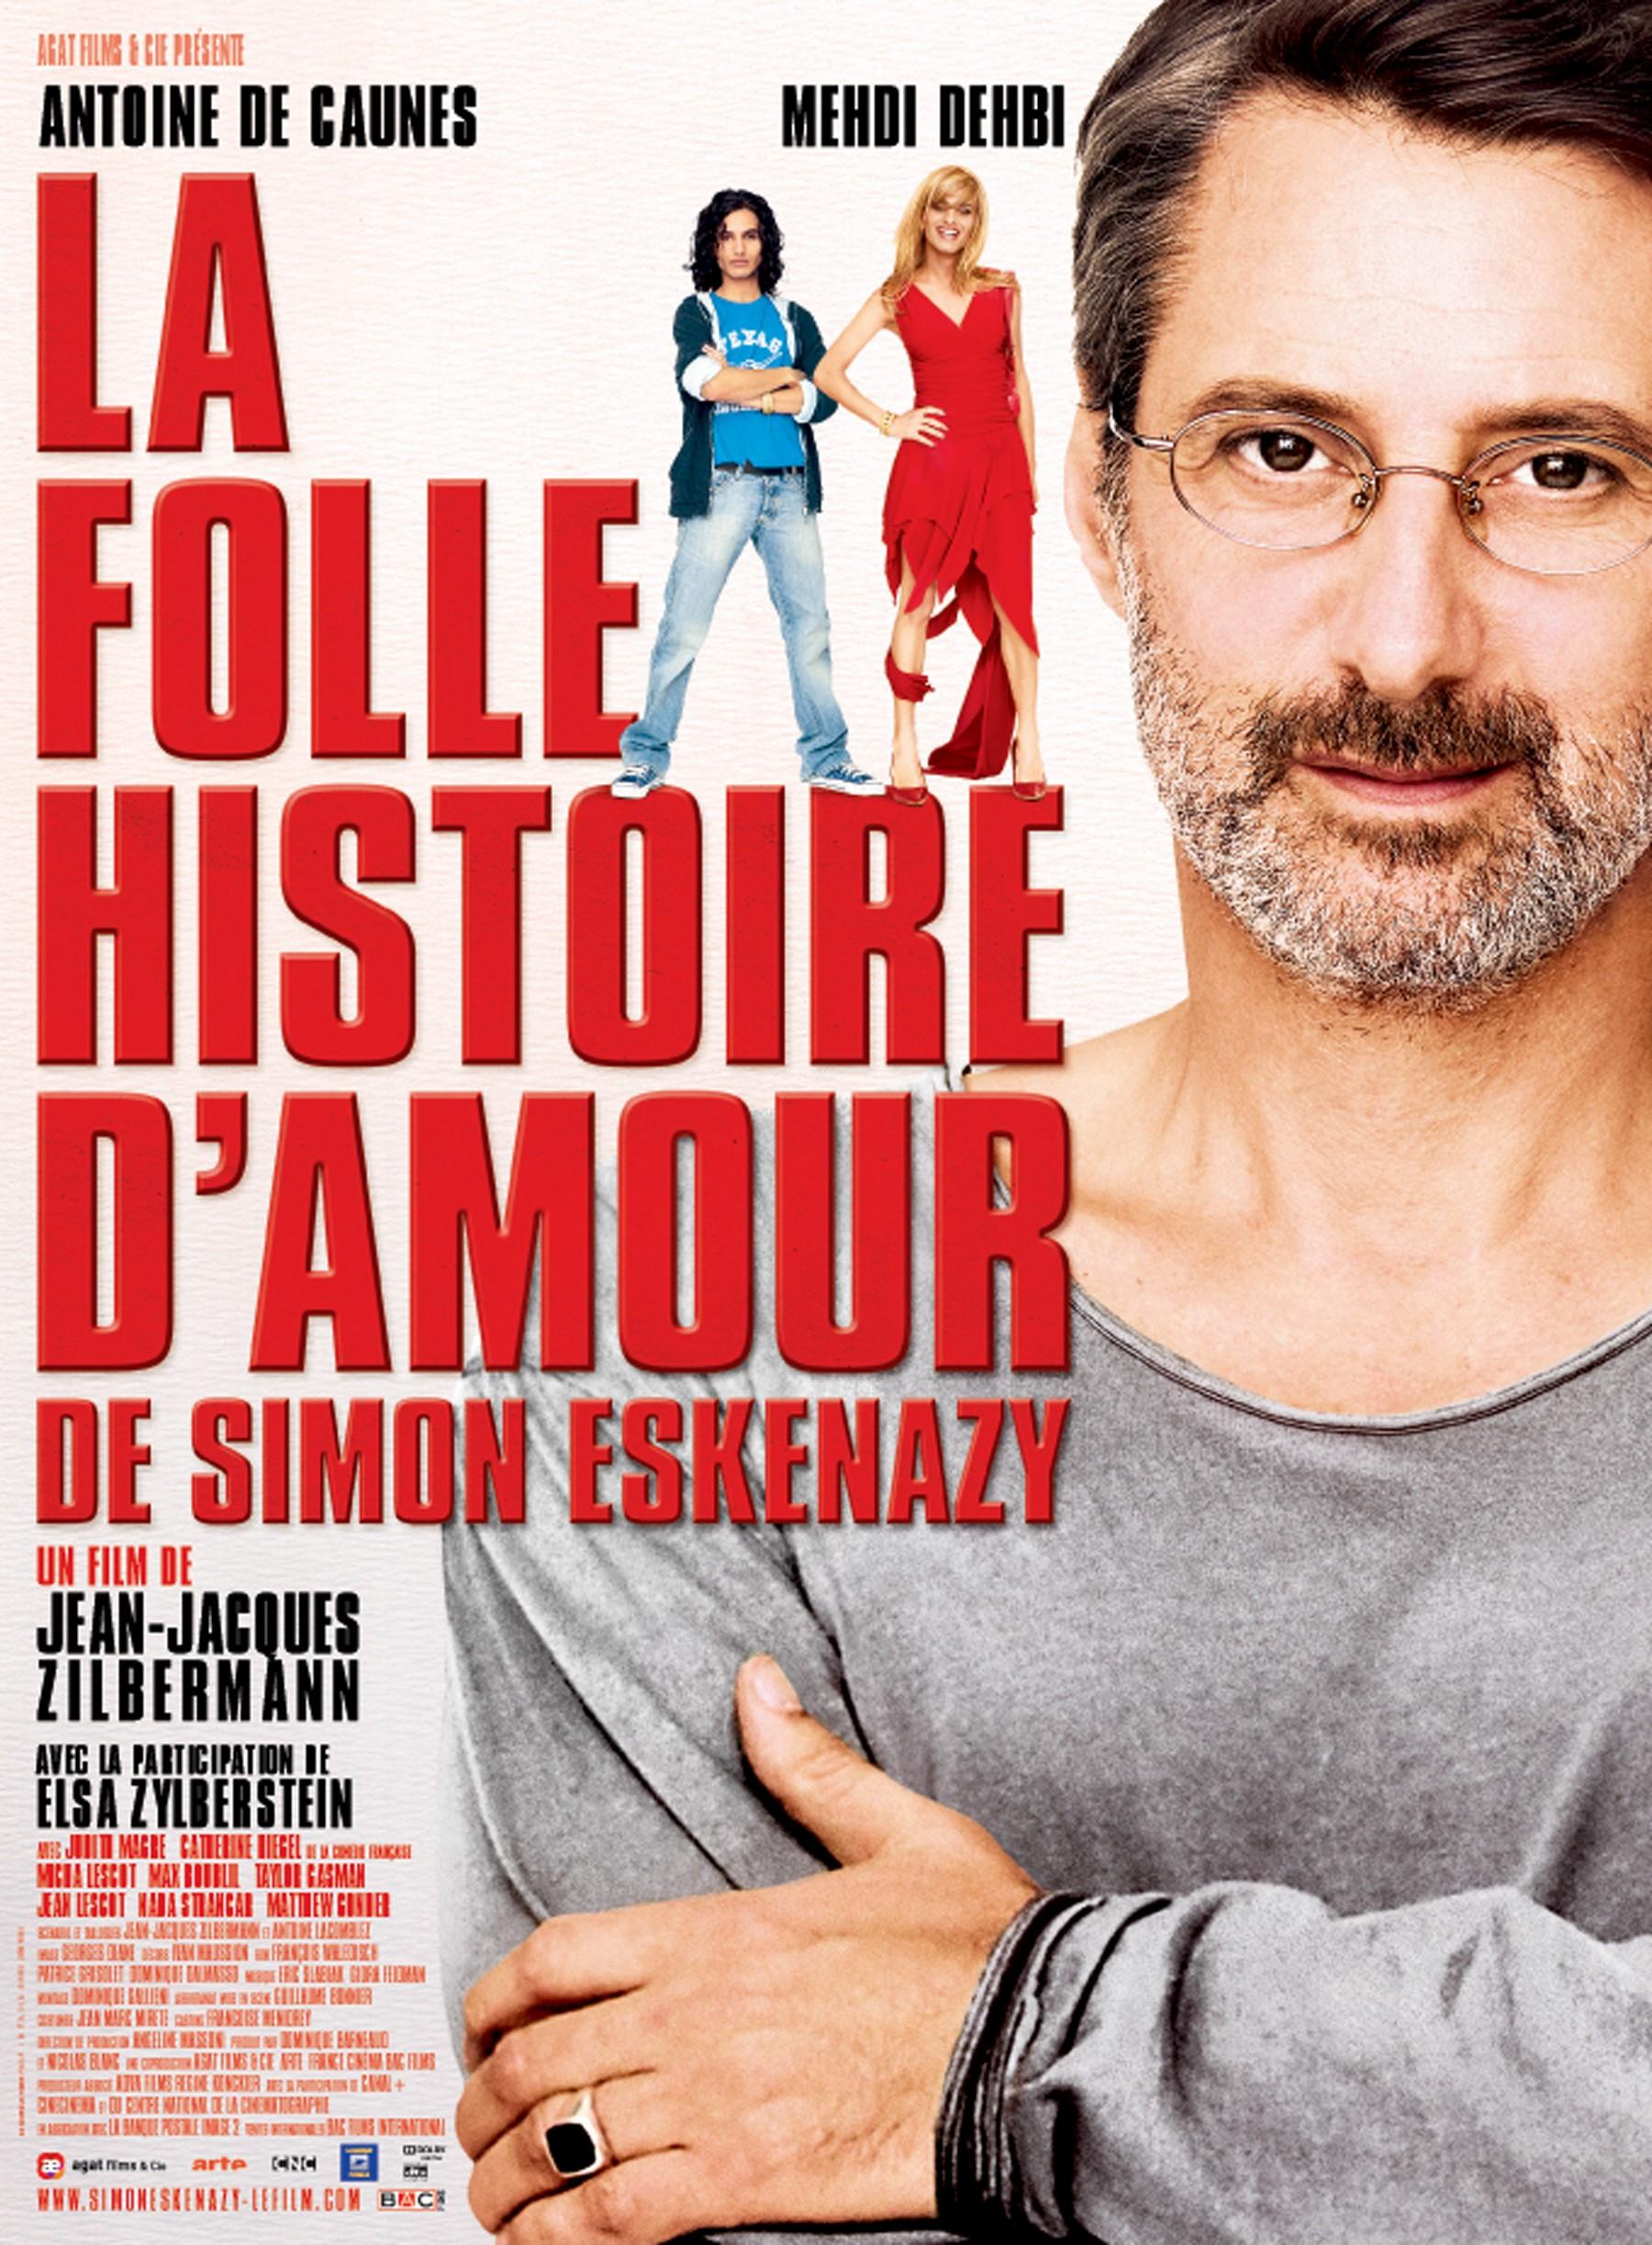 [RG] La Folle histoire d'amour de Simon Eskenazy [DVDRIP]